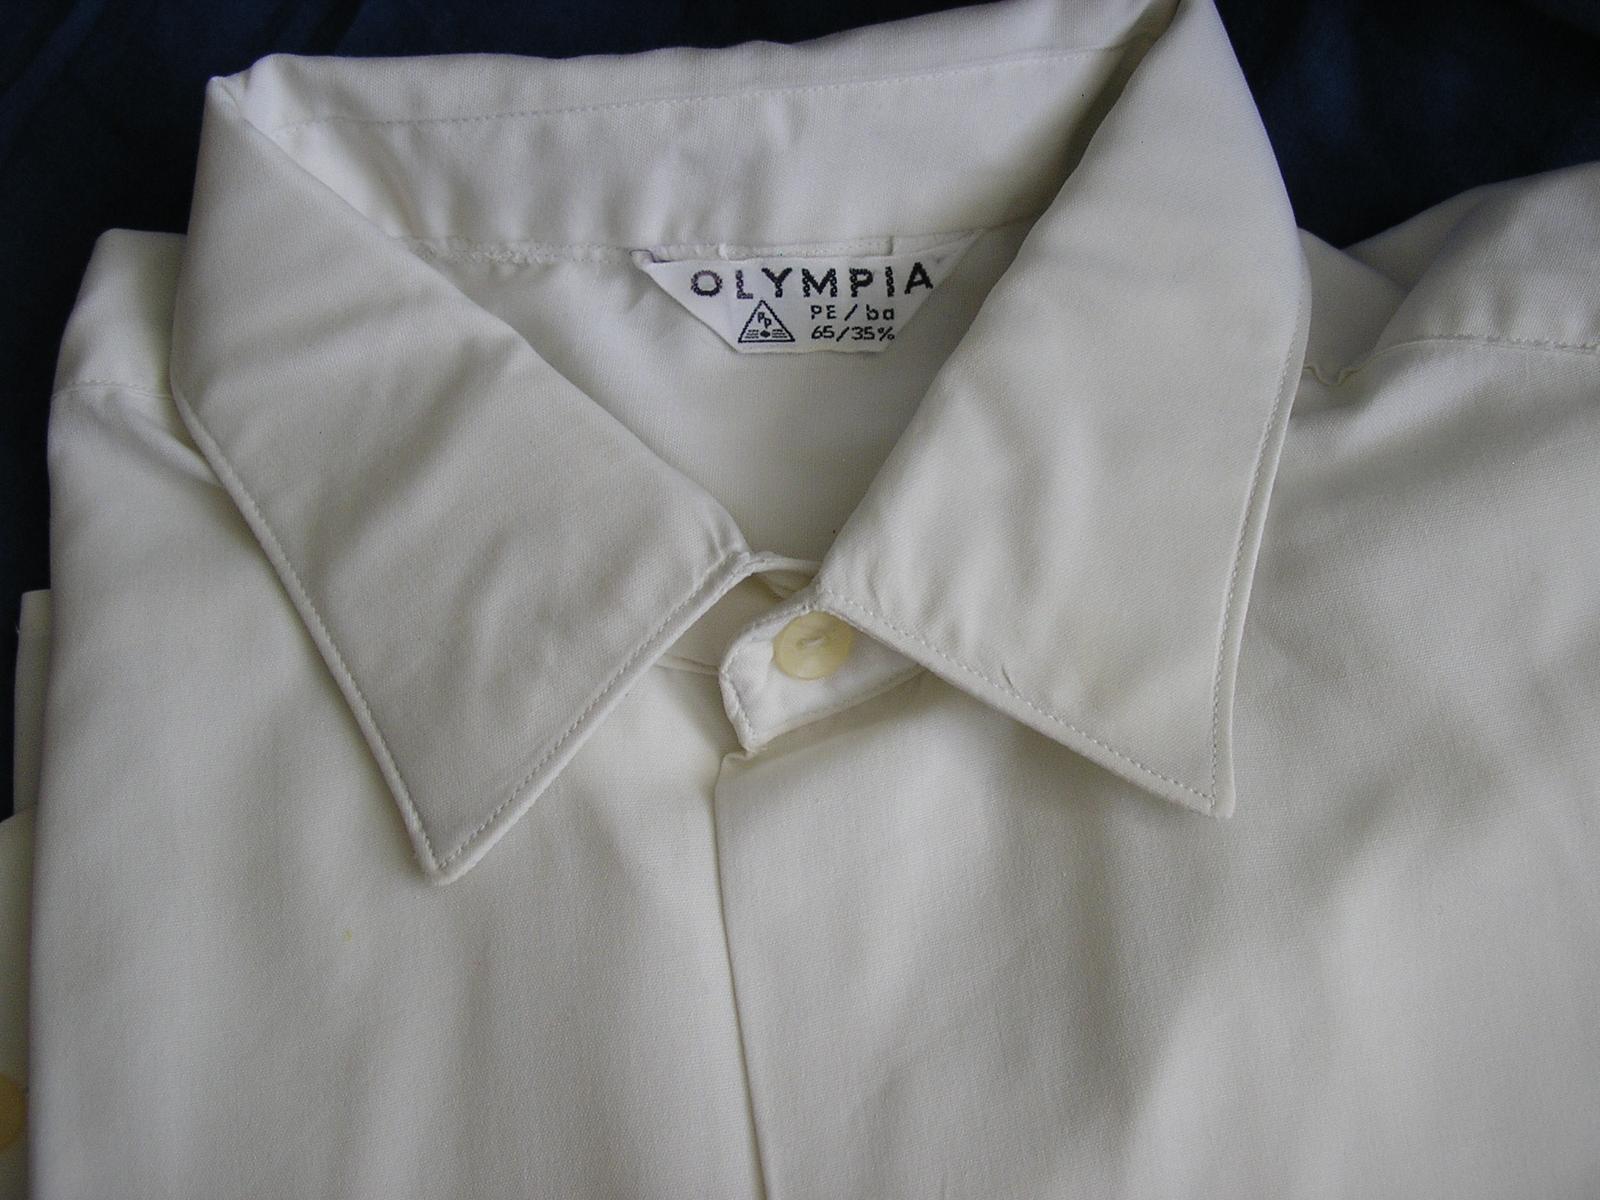 819. Olympia košeľa - Obrázok č. 2